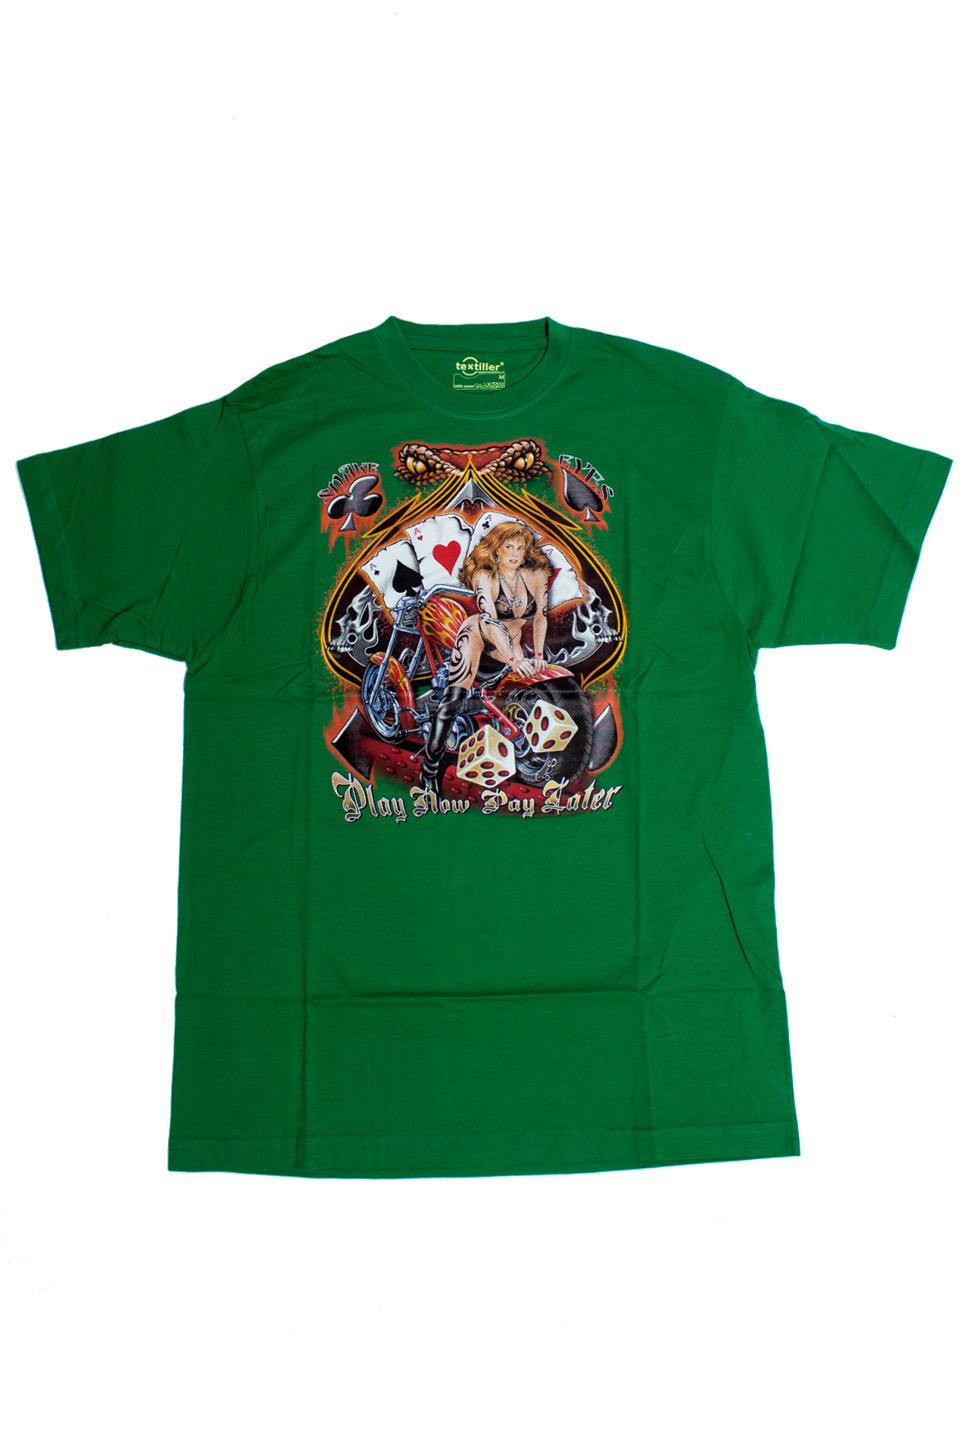 ФутболкаФутболки<br>Качественная мужская футболка пошитая из кулирной пряжи по новой технологии без боковых швов и состоит из 100% хлопка.  В изделии использованы цвета: зеленый и др.  Ростовка изделия 175-180 см<br><br>По сезону: Всесезон<br>Размер : 48<br>Материал: Трикотаж<br>Количество в наличии: 1